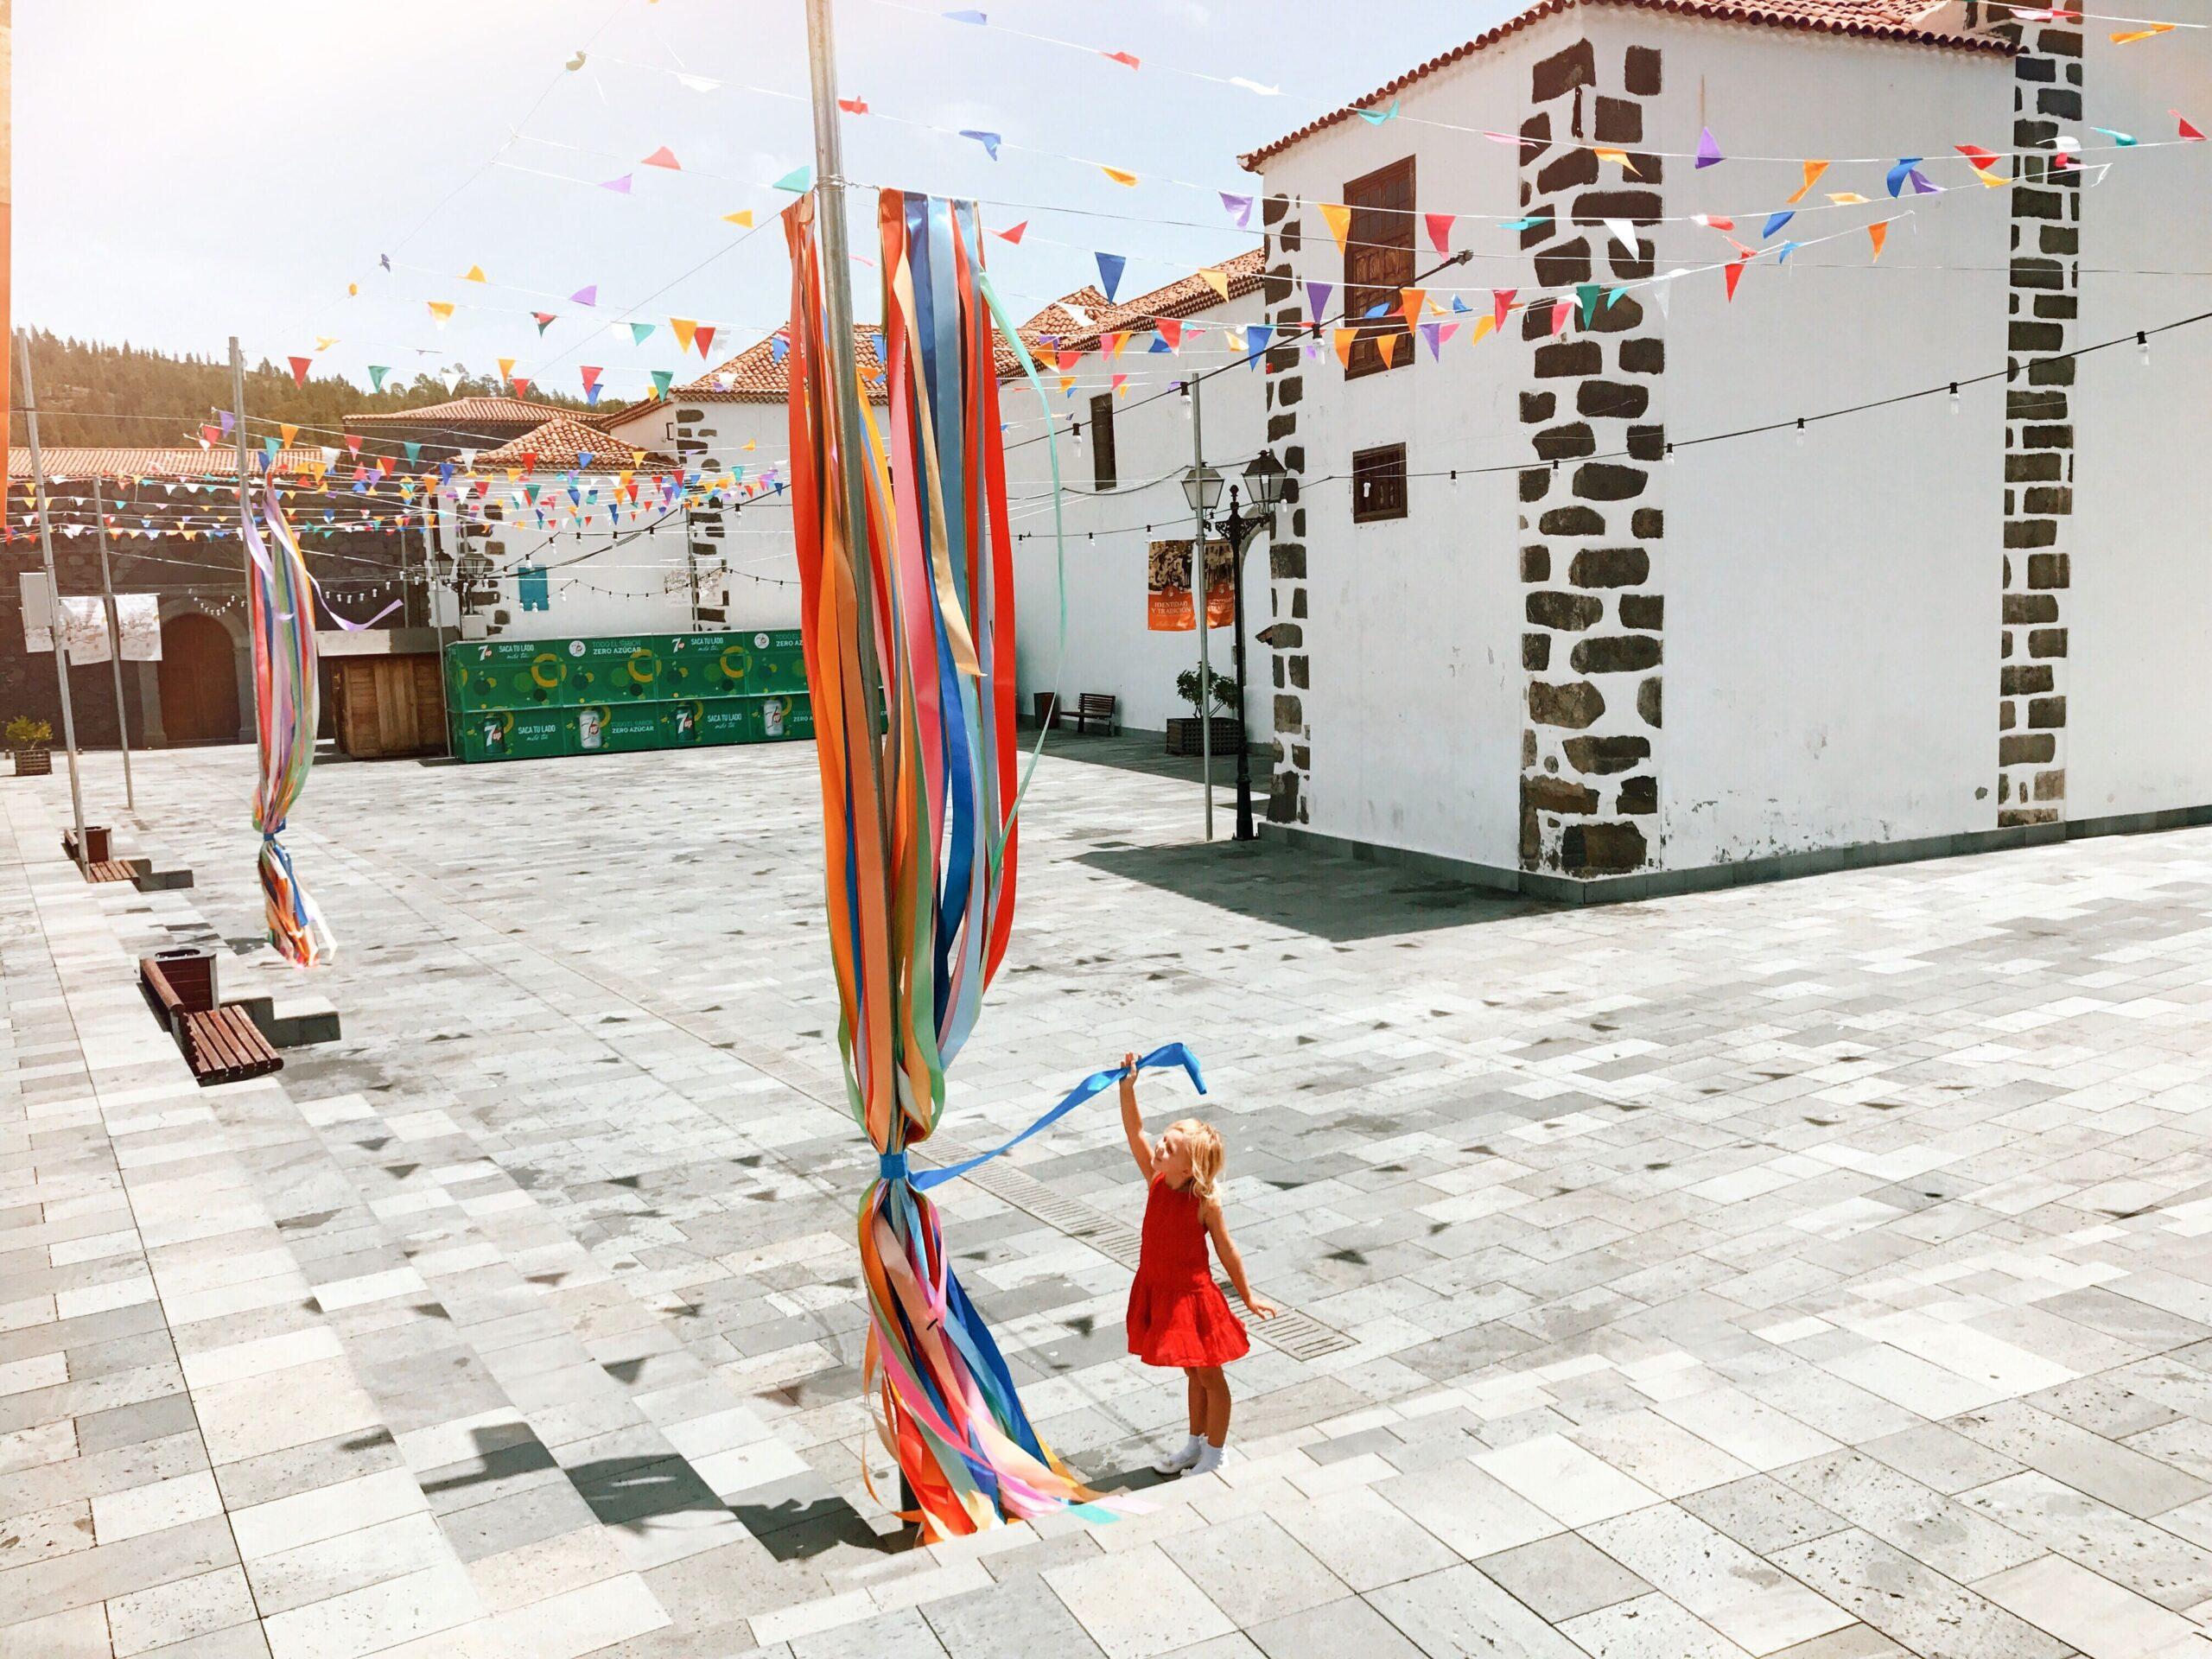 enfant faisant la fête en Espagne